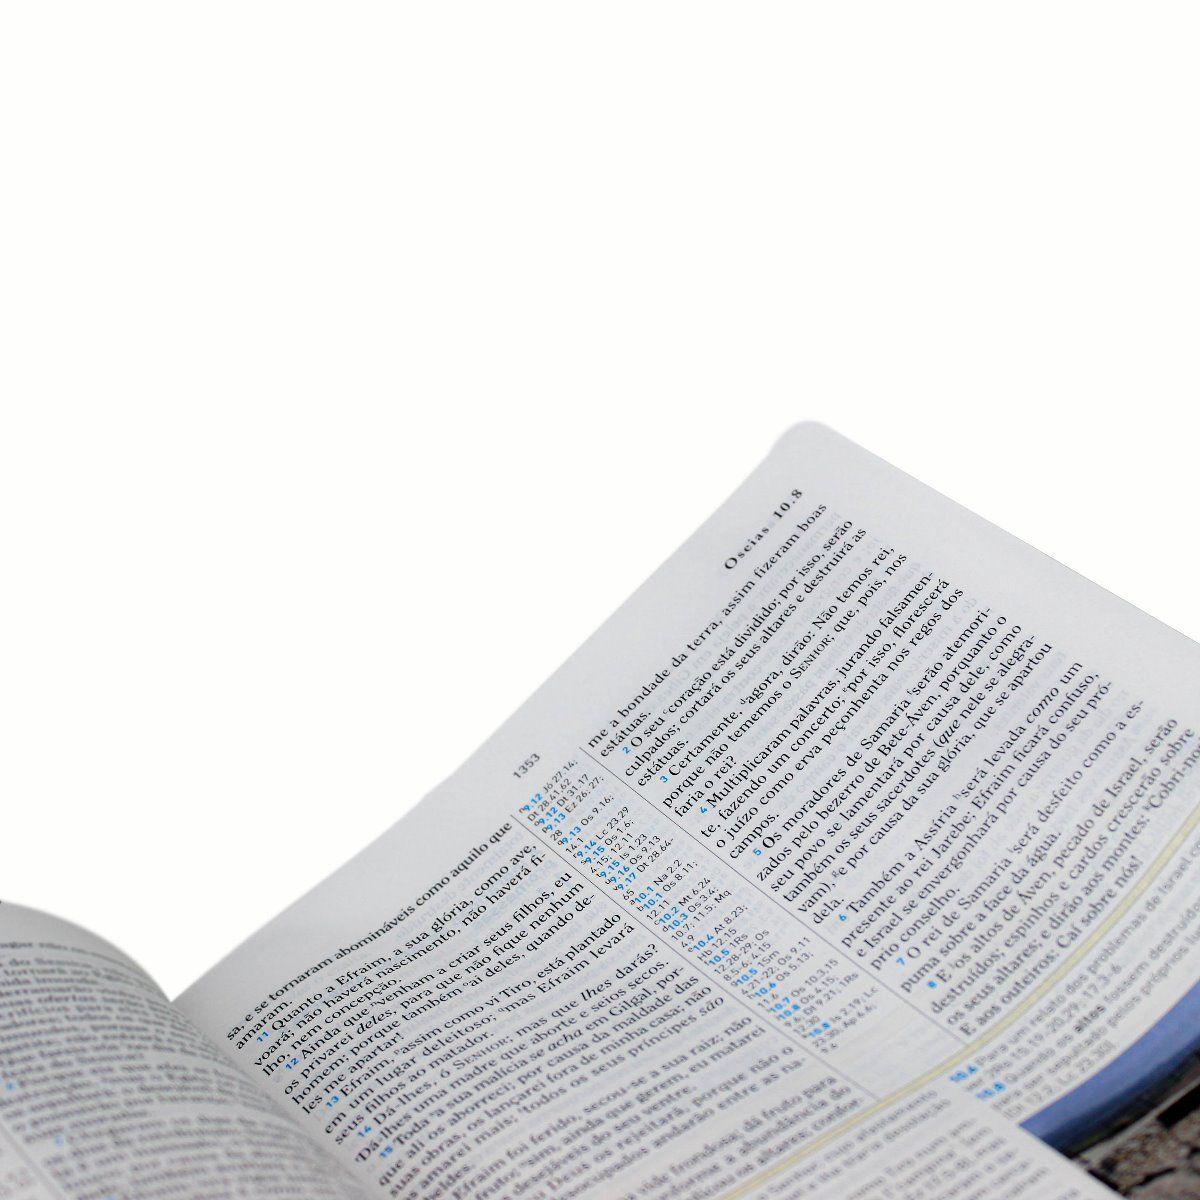 Bíblia de Estudo Holman - Couro sintético Vinho: Almeida Revista e Corrigida (ARC)  - Universo Bíblico Rs